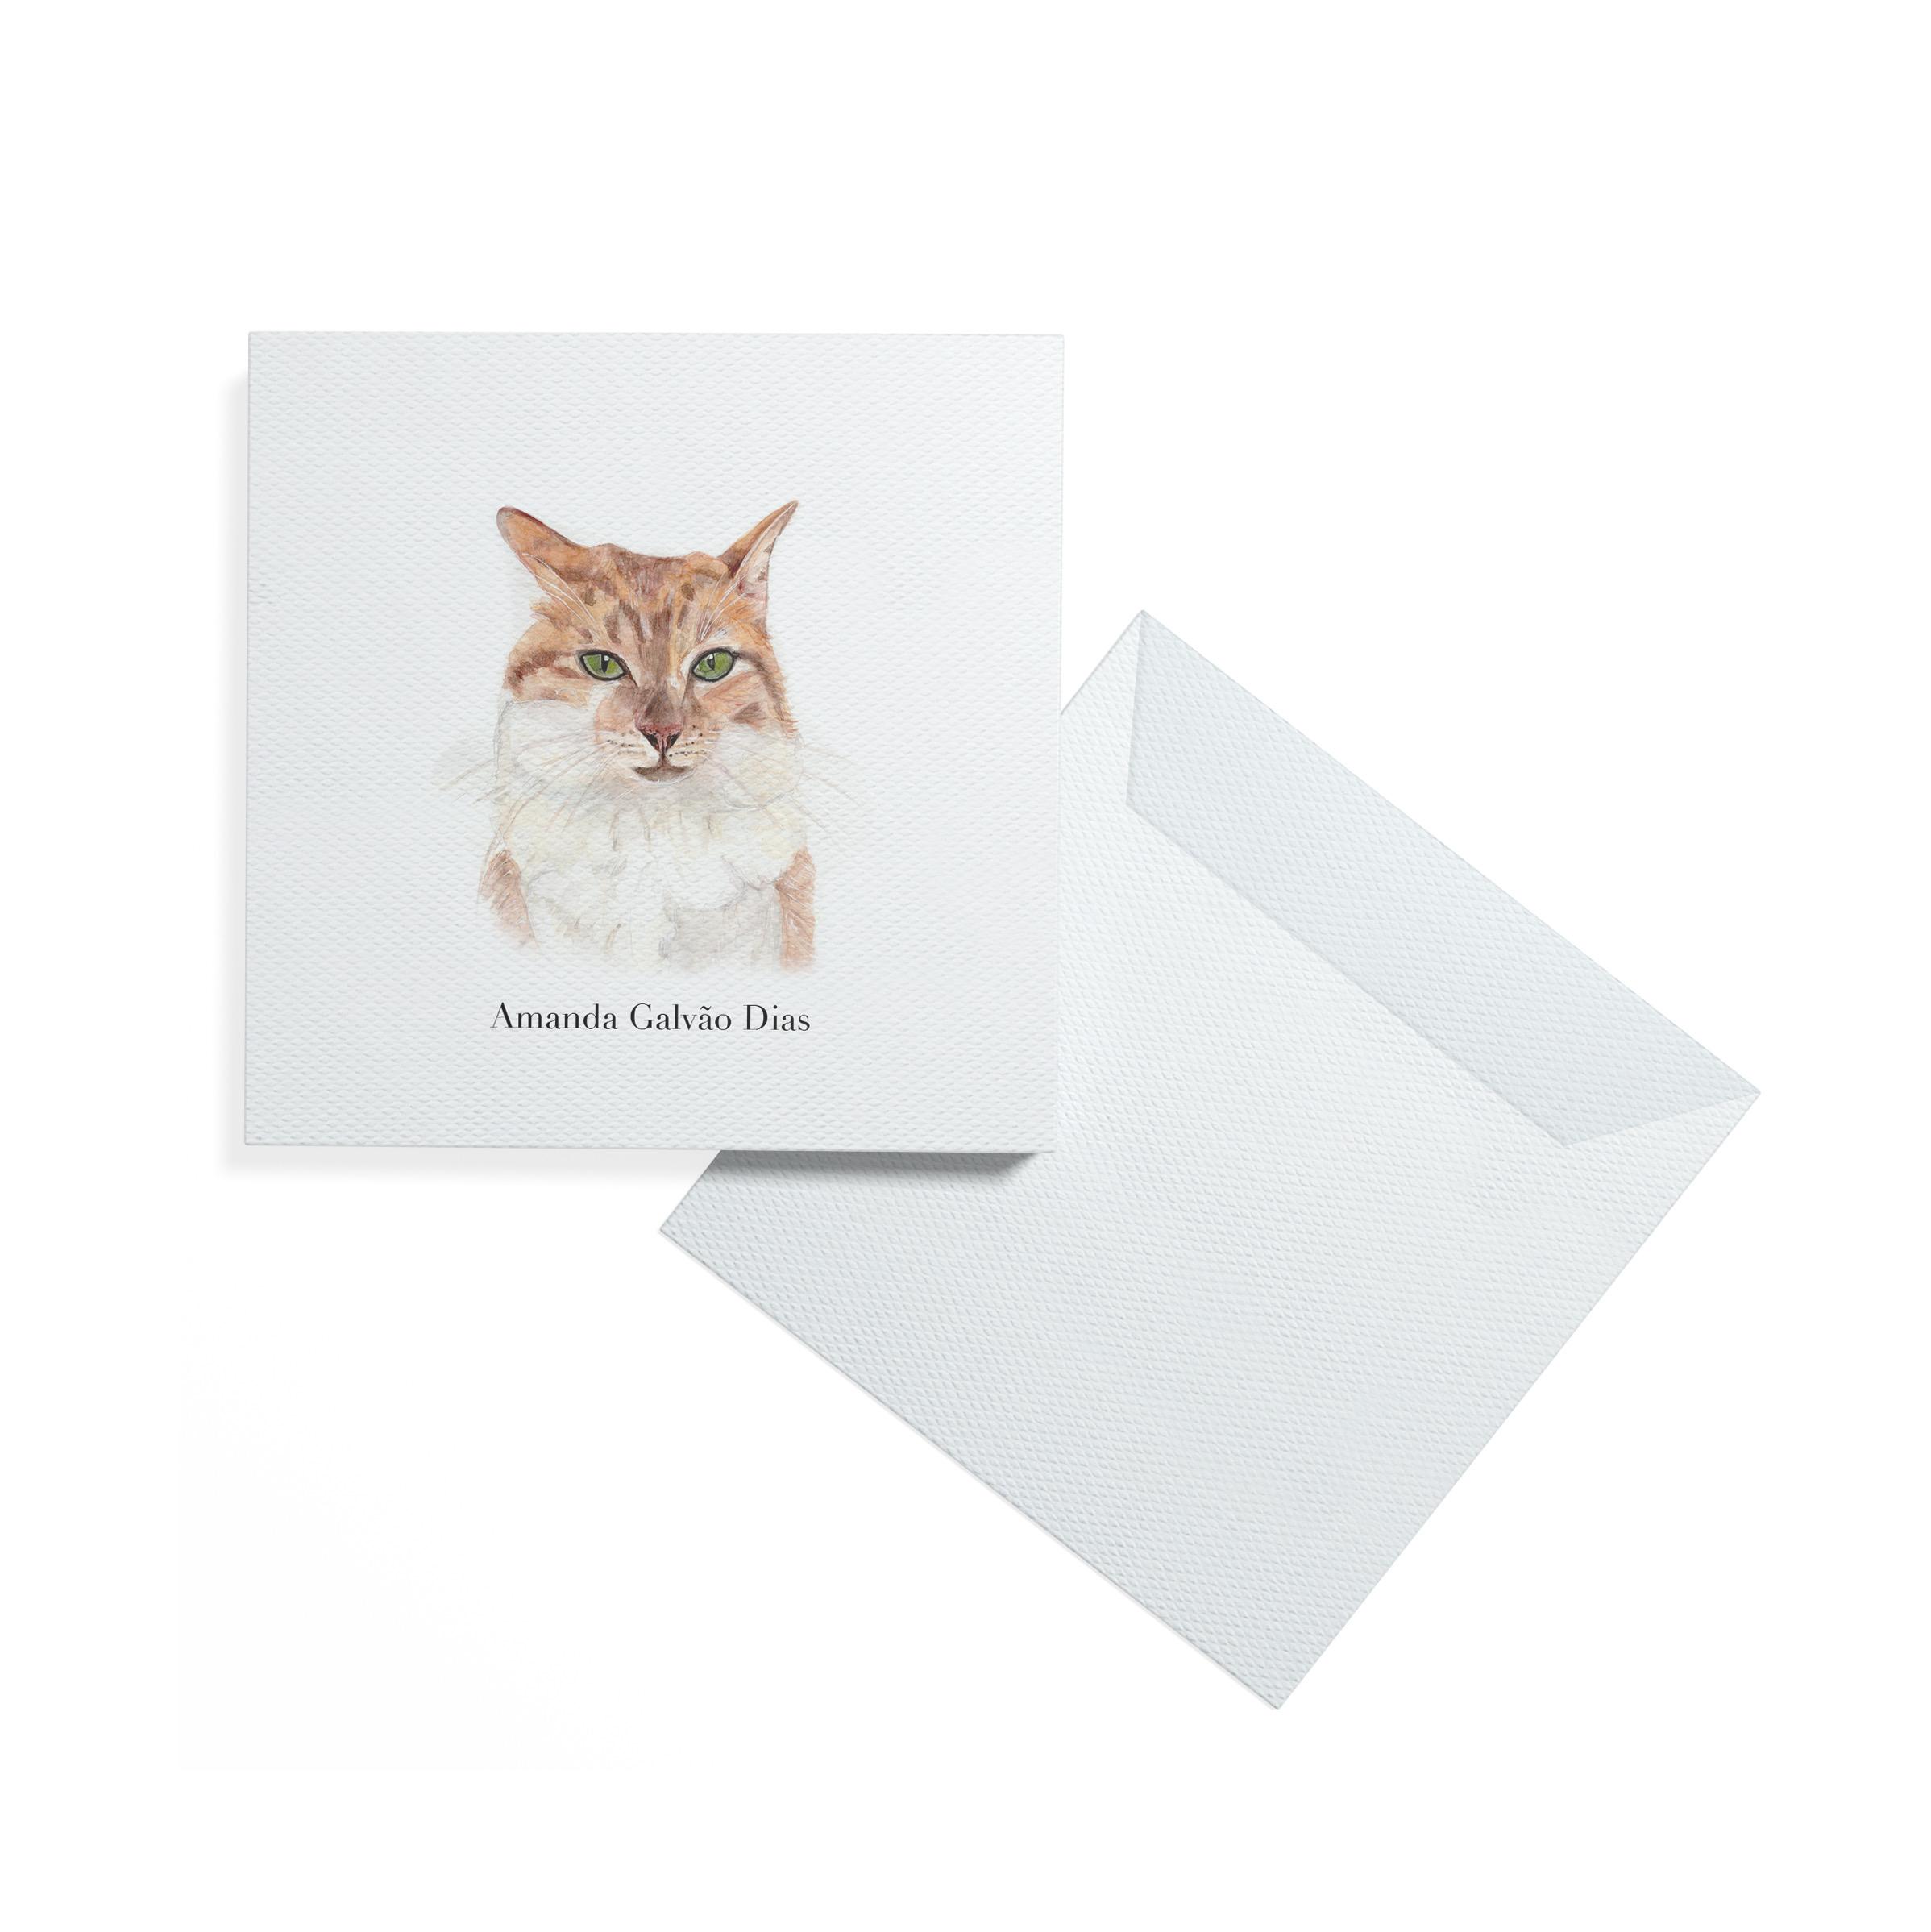 cartão_modelo_fundo_branco_gato